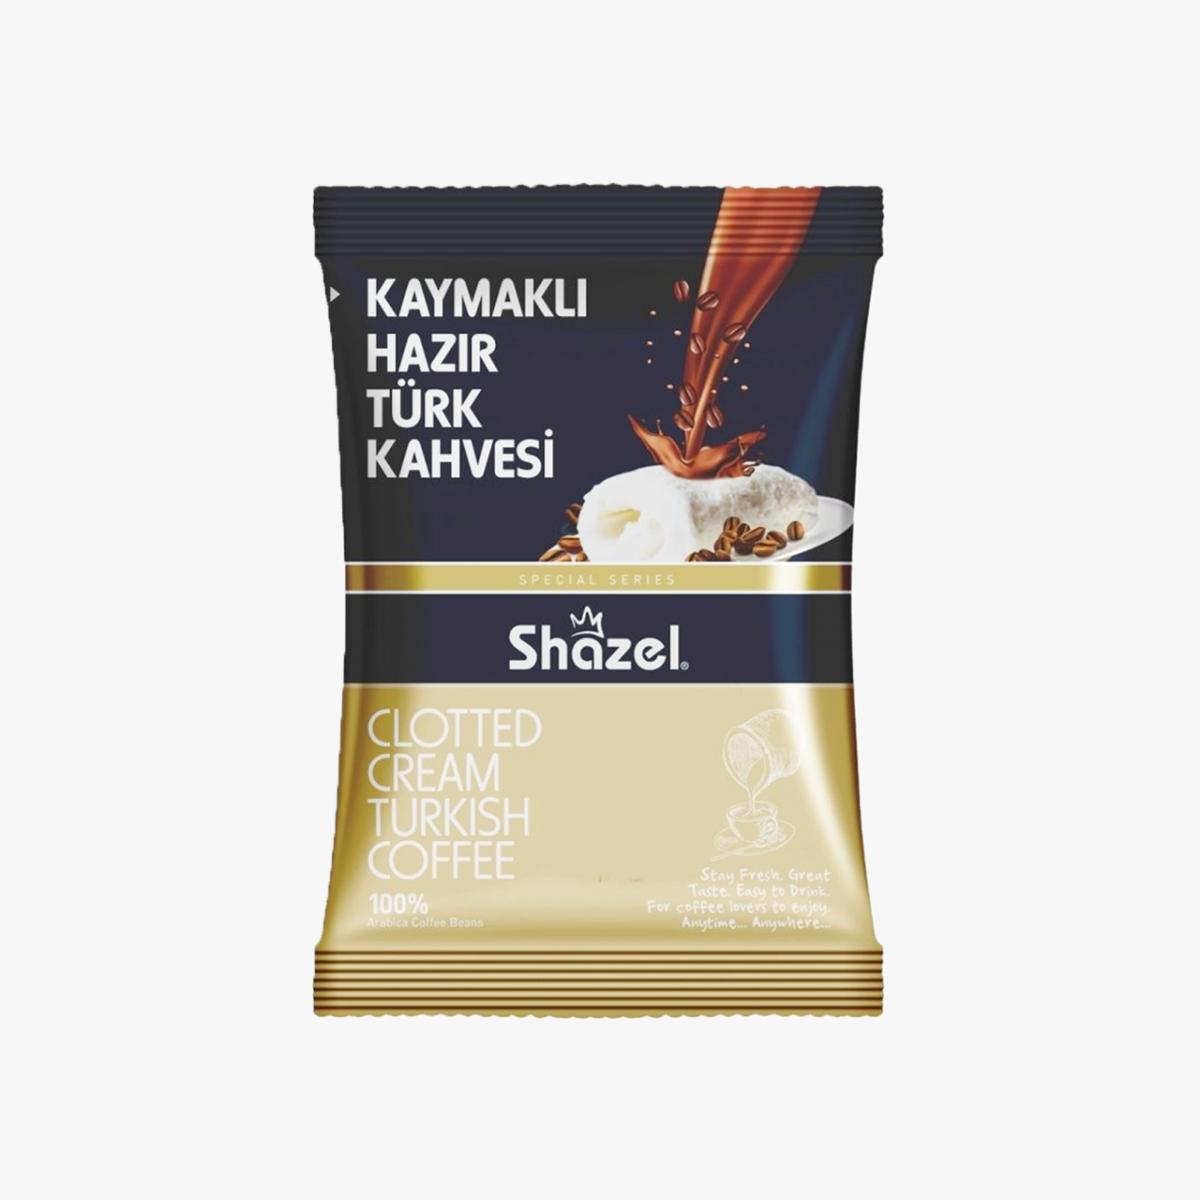 Shazel Kaymaklı Hazır Türk Kahvesi 100 GR